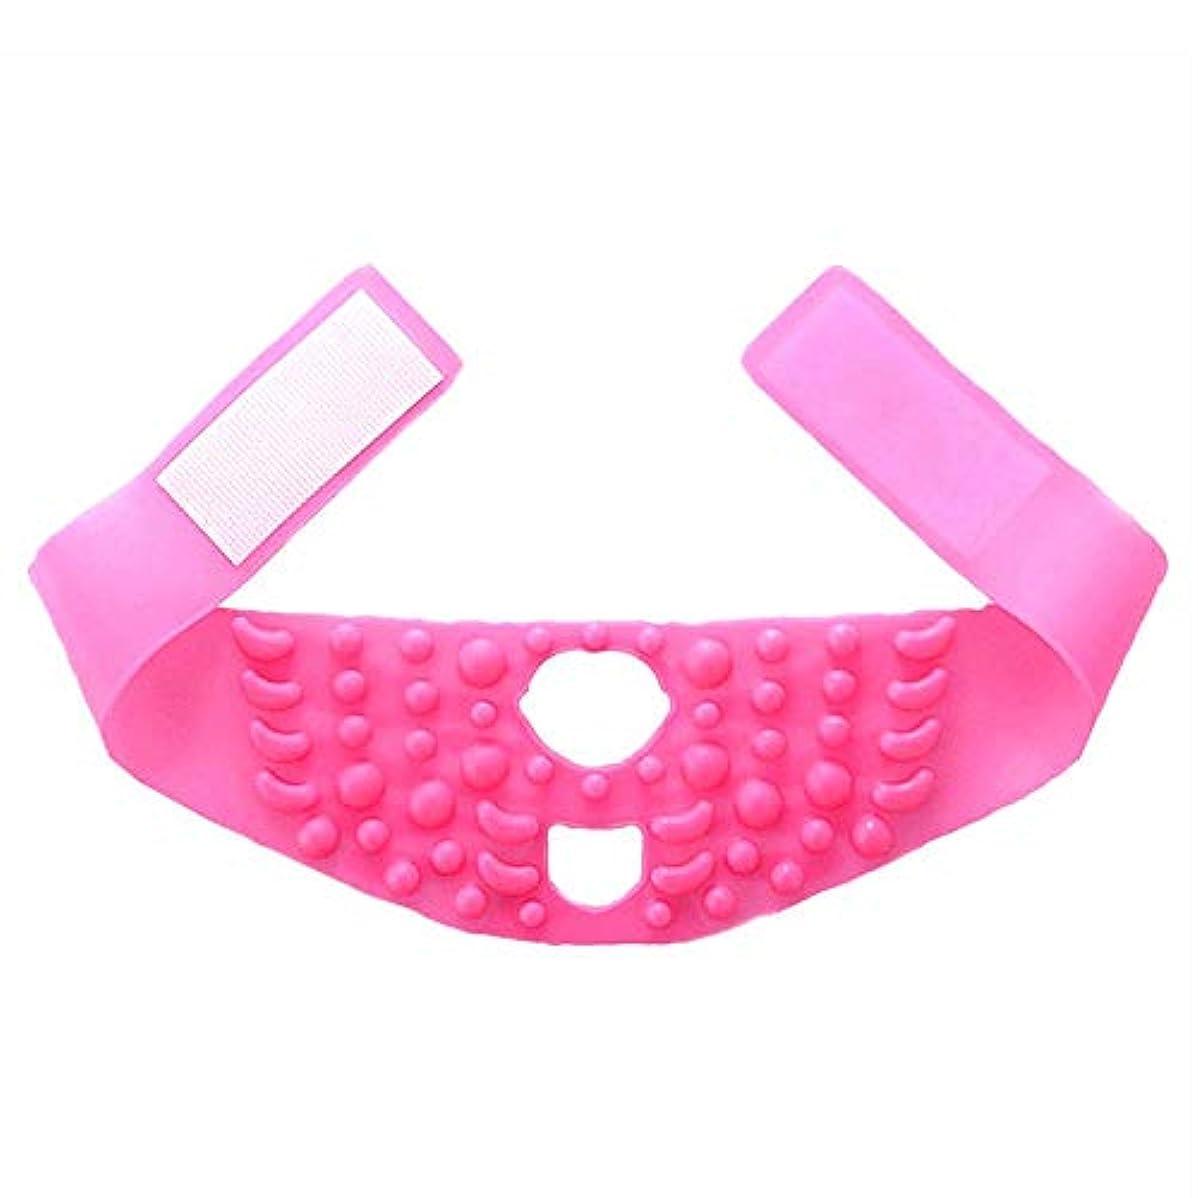 メンタル不平を言うライオンGYZ シンフェイスマスクシリコーンマッサージ引き締まった形の小さなVフェイスリフティングに薄いフェイスアーティファクト包帯を飾る - ピンク Thin Face Belt